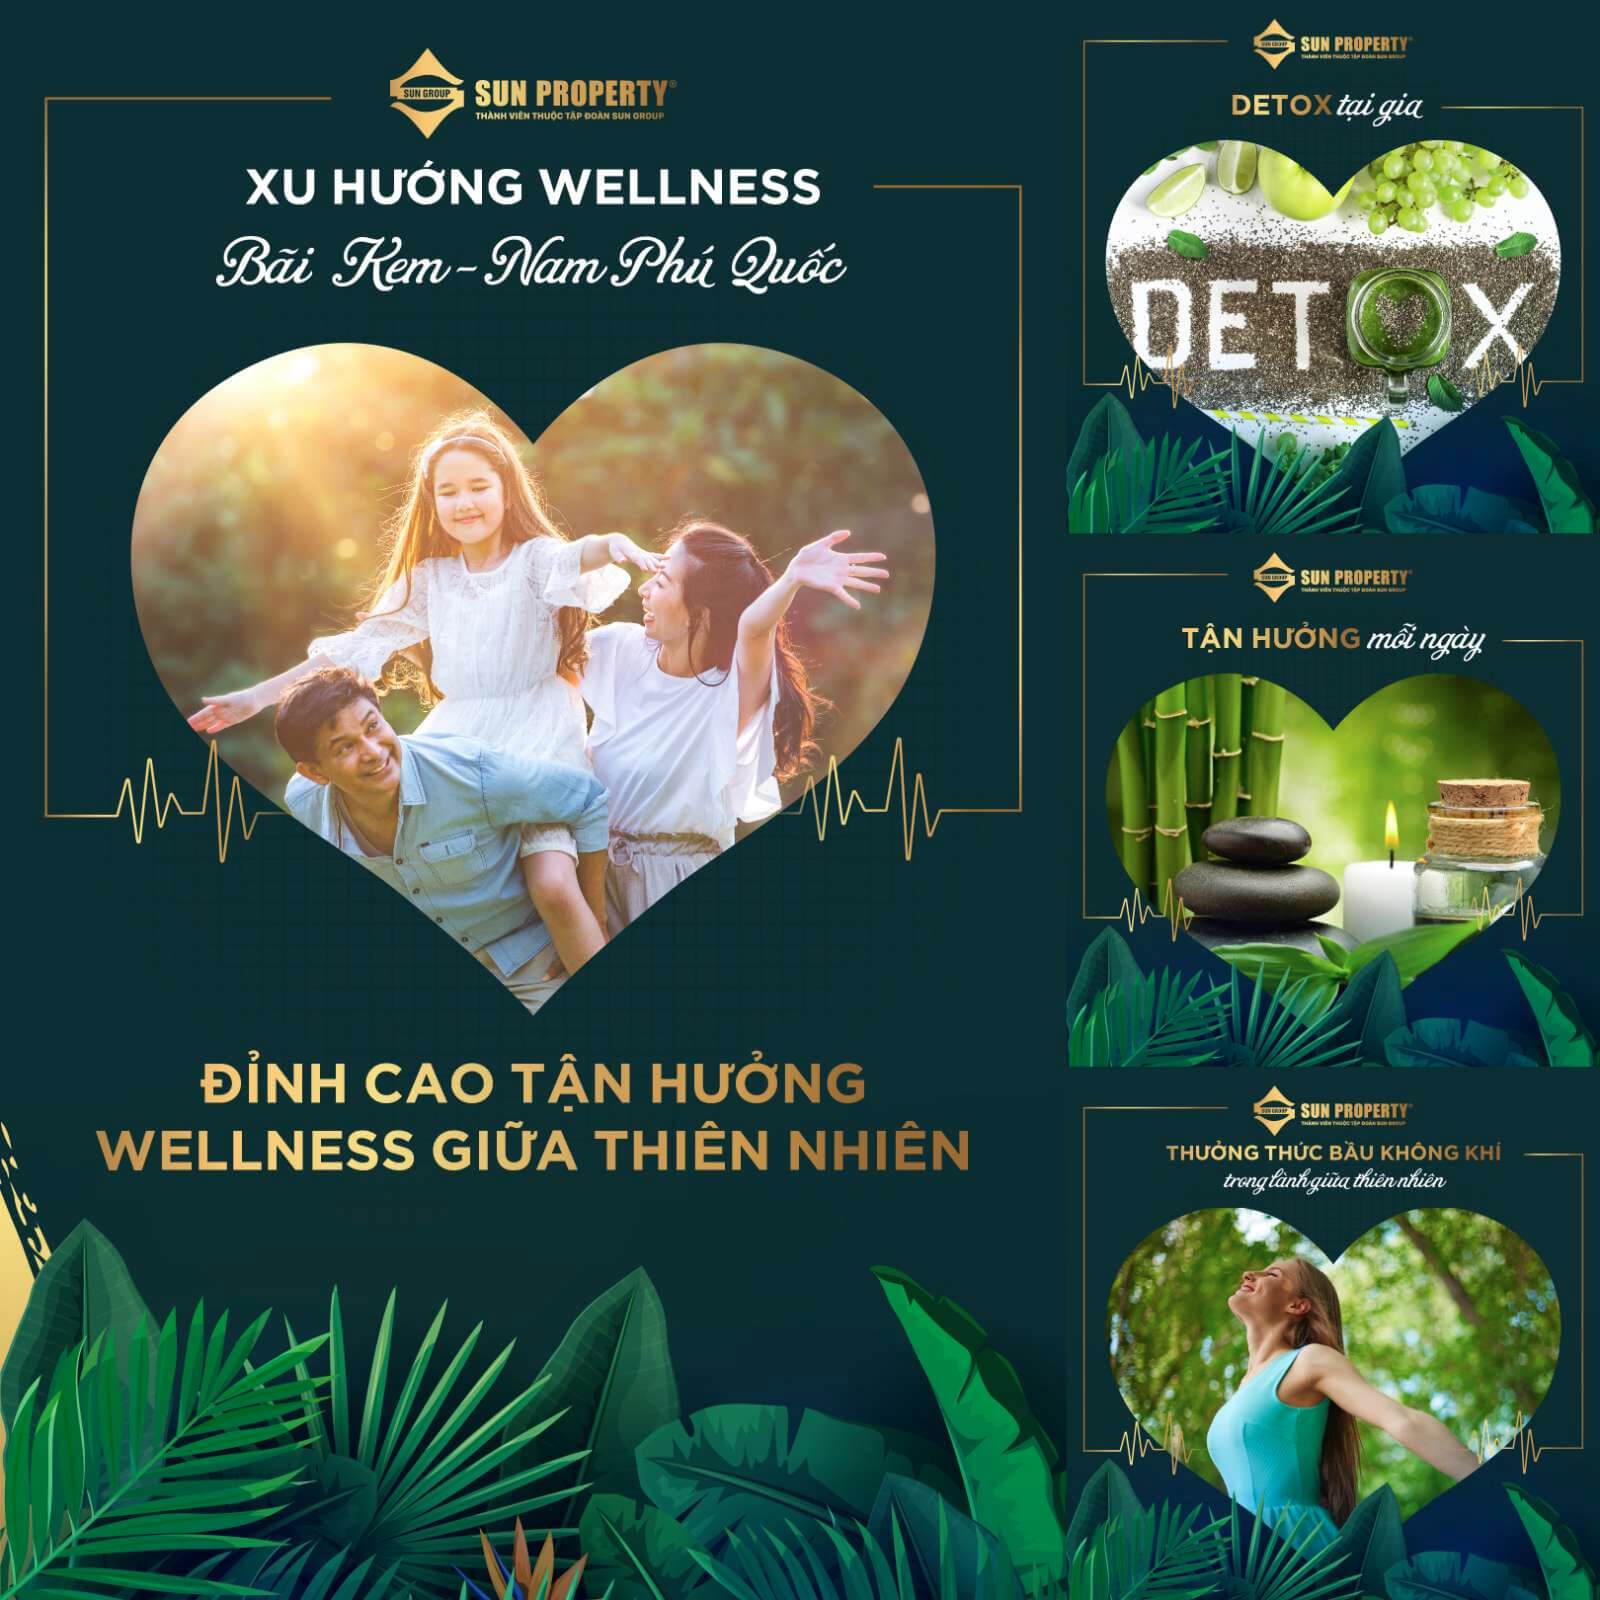 Tận hưởng Wellness giữa thiên nhiên